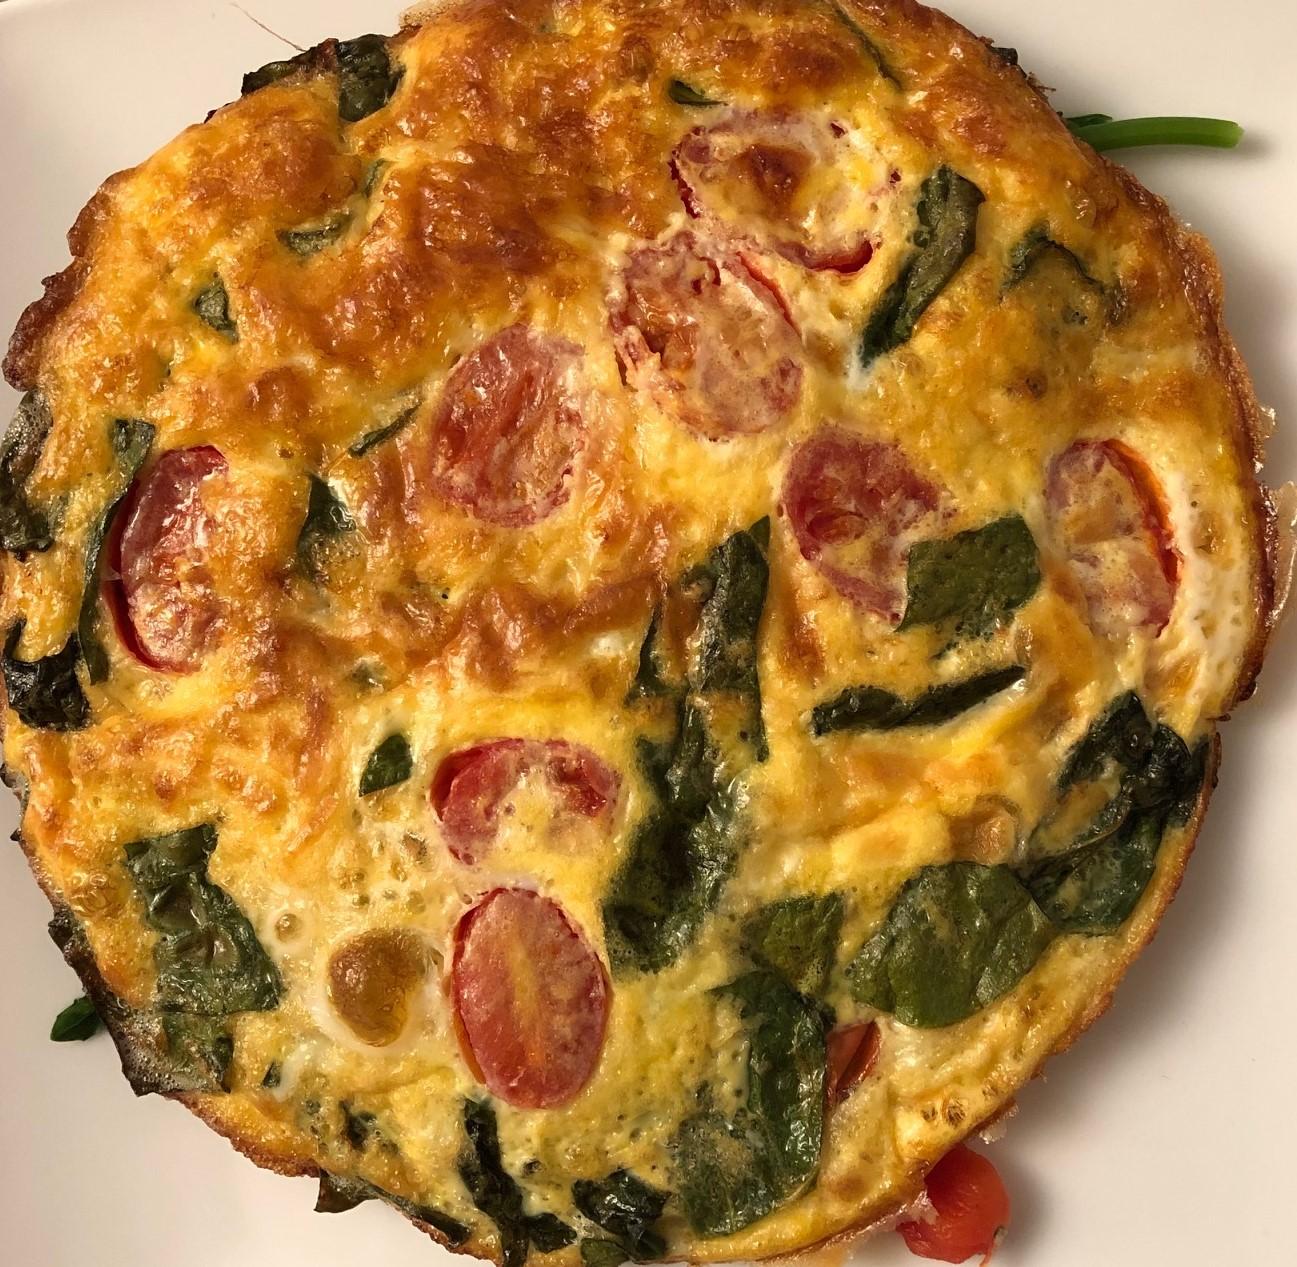 omlettepizza